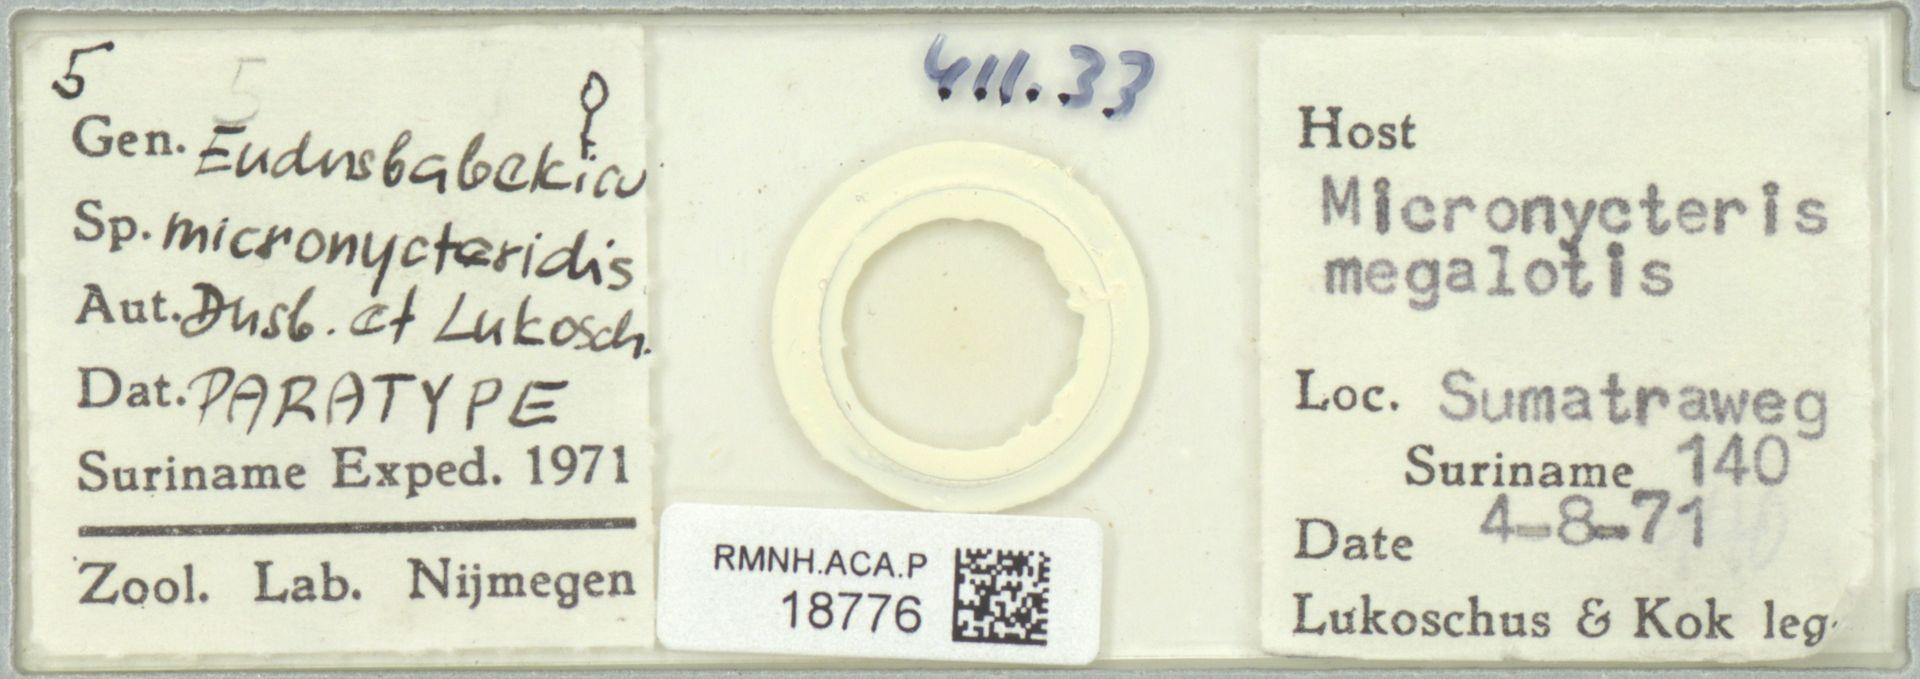 RMNH.ACA.P.18776 | Eudusbabekia micronycteridis